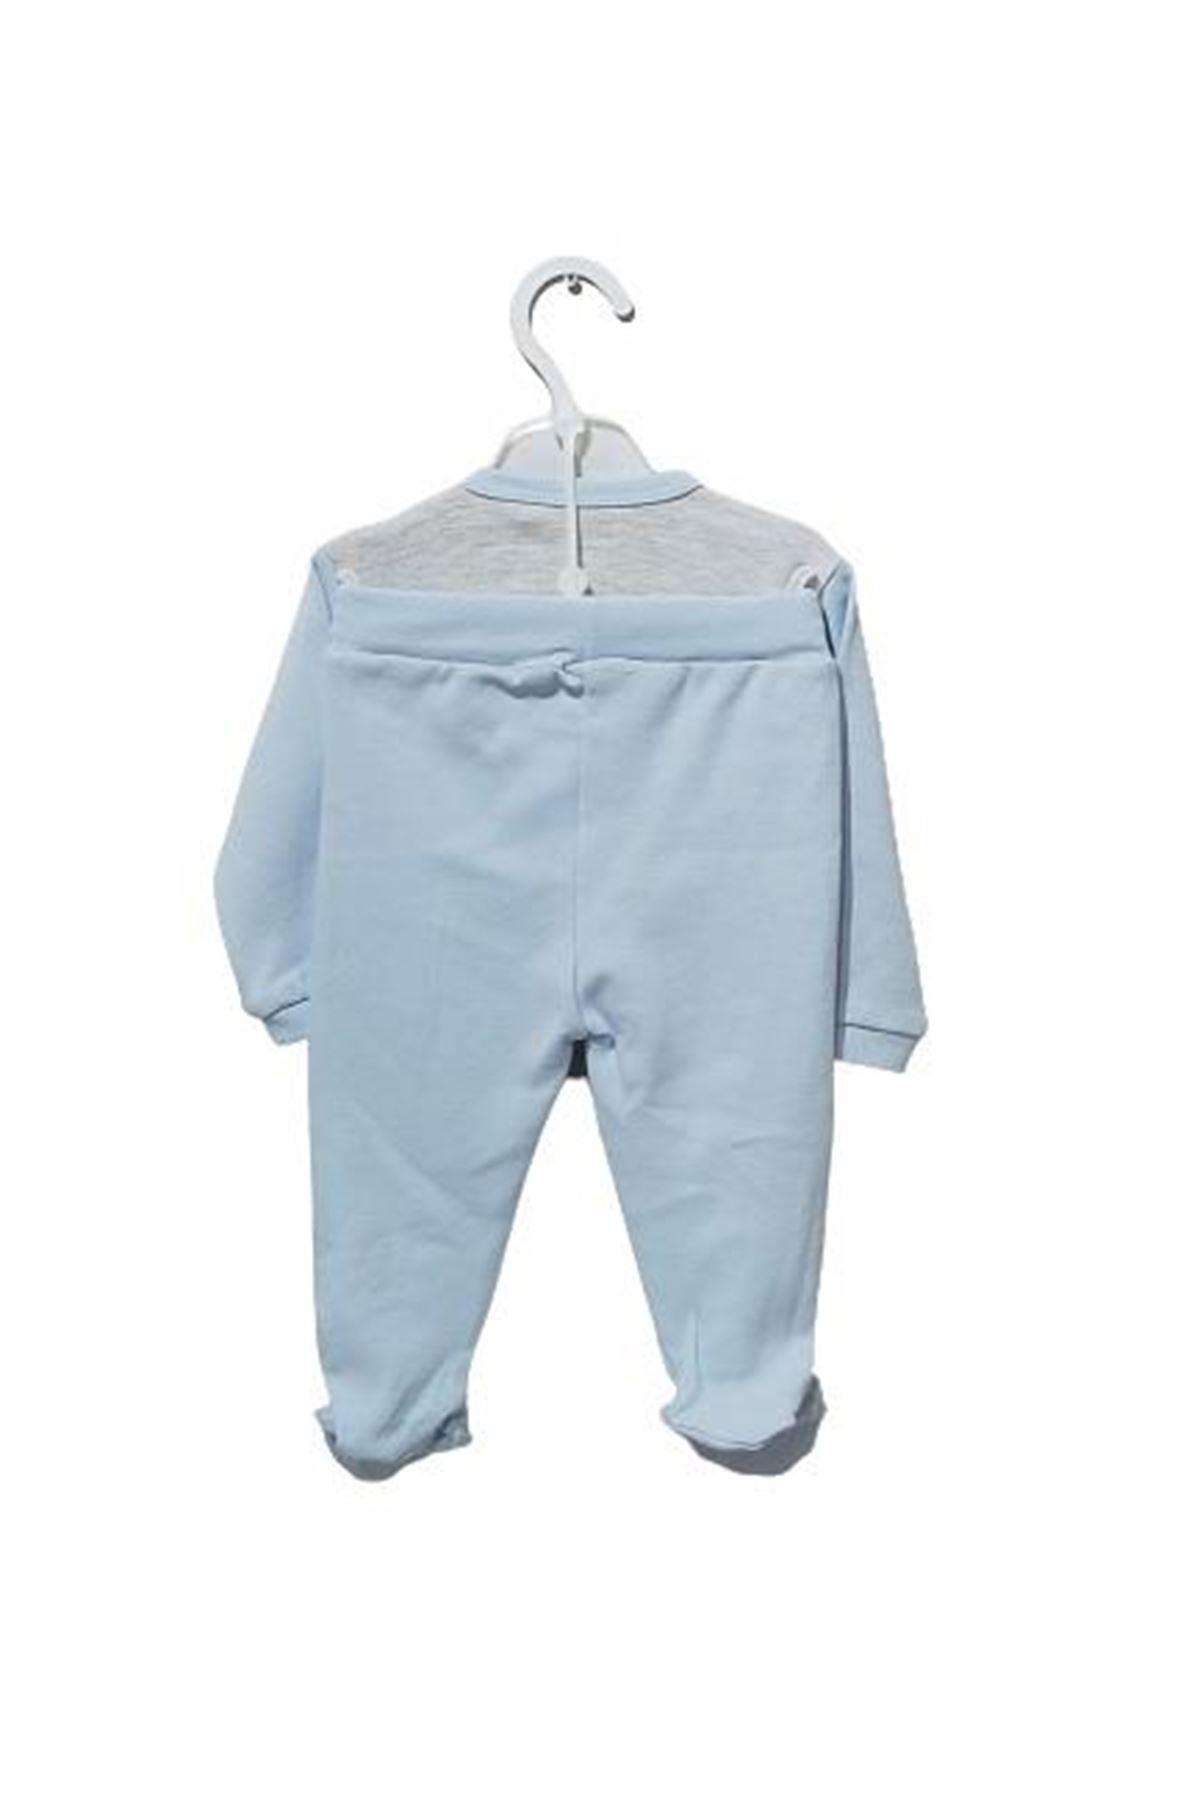 Bebengo 5013 Kirpili Bebe Takım Mavi